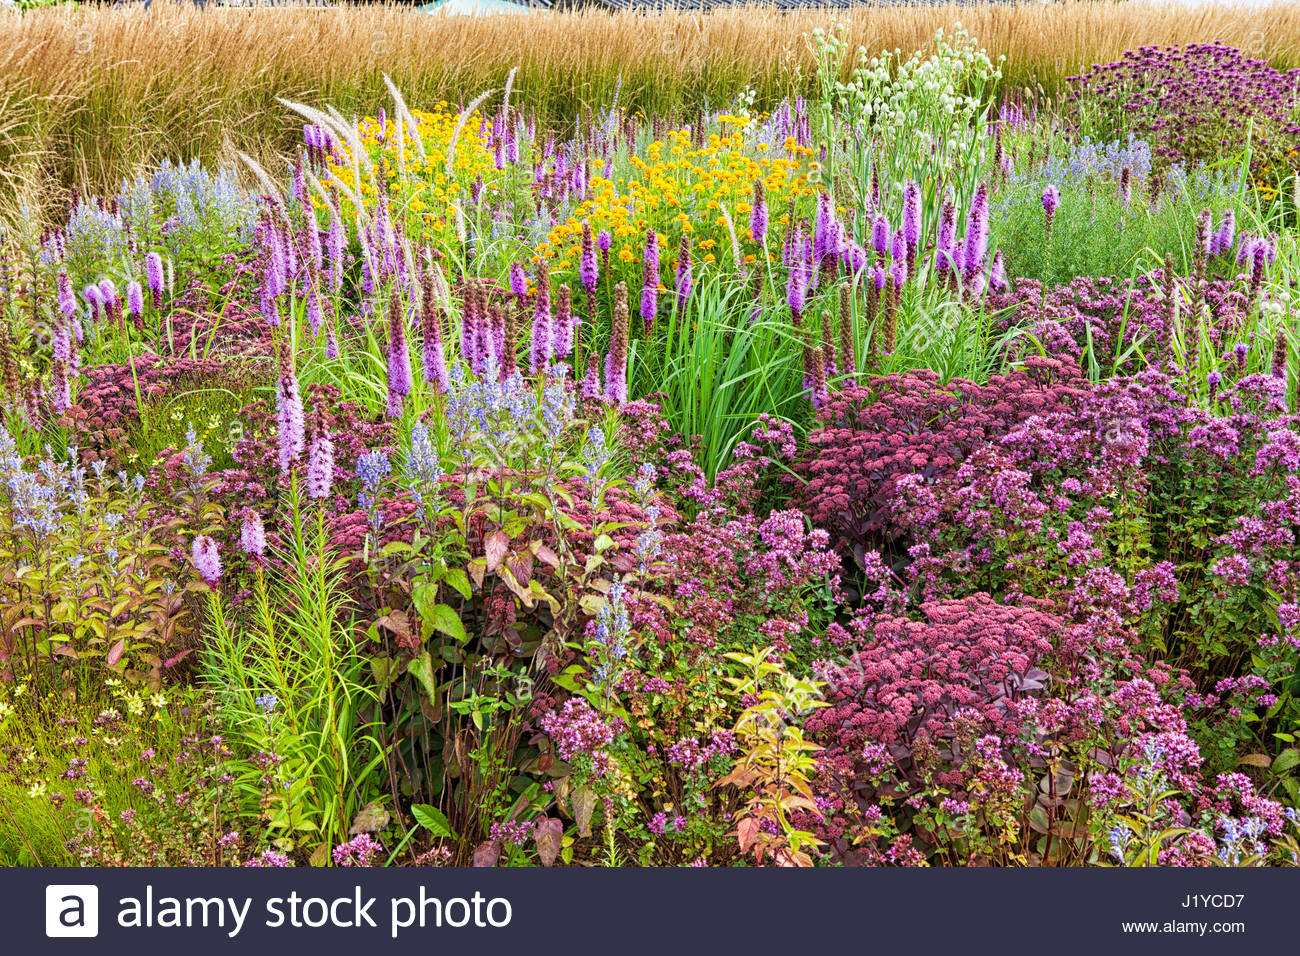 GRASSES PRAIRIE GARDEN - DESIGN BY LIANNE POT - Stock Image